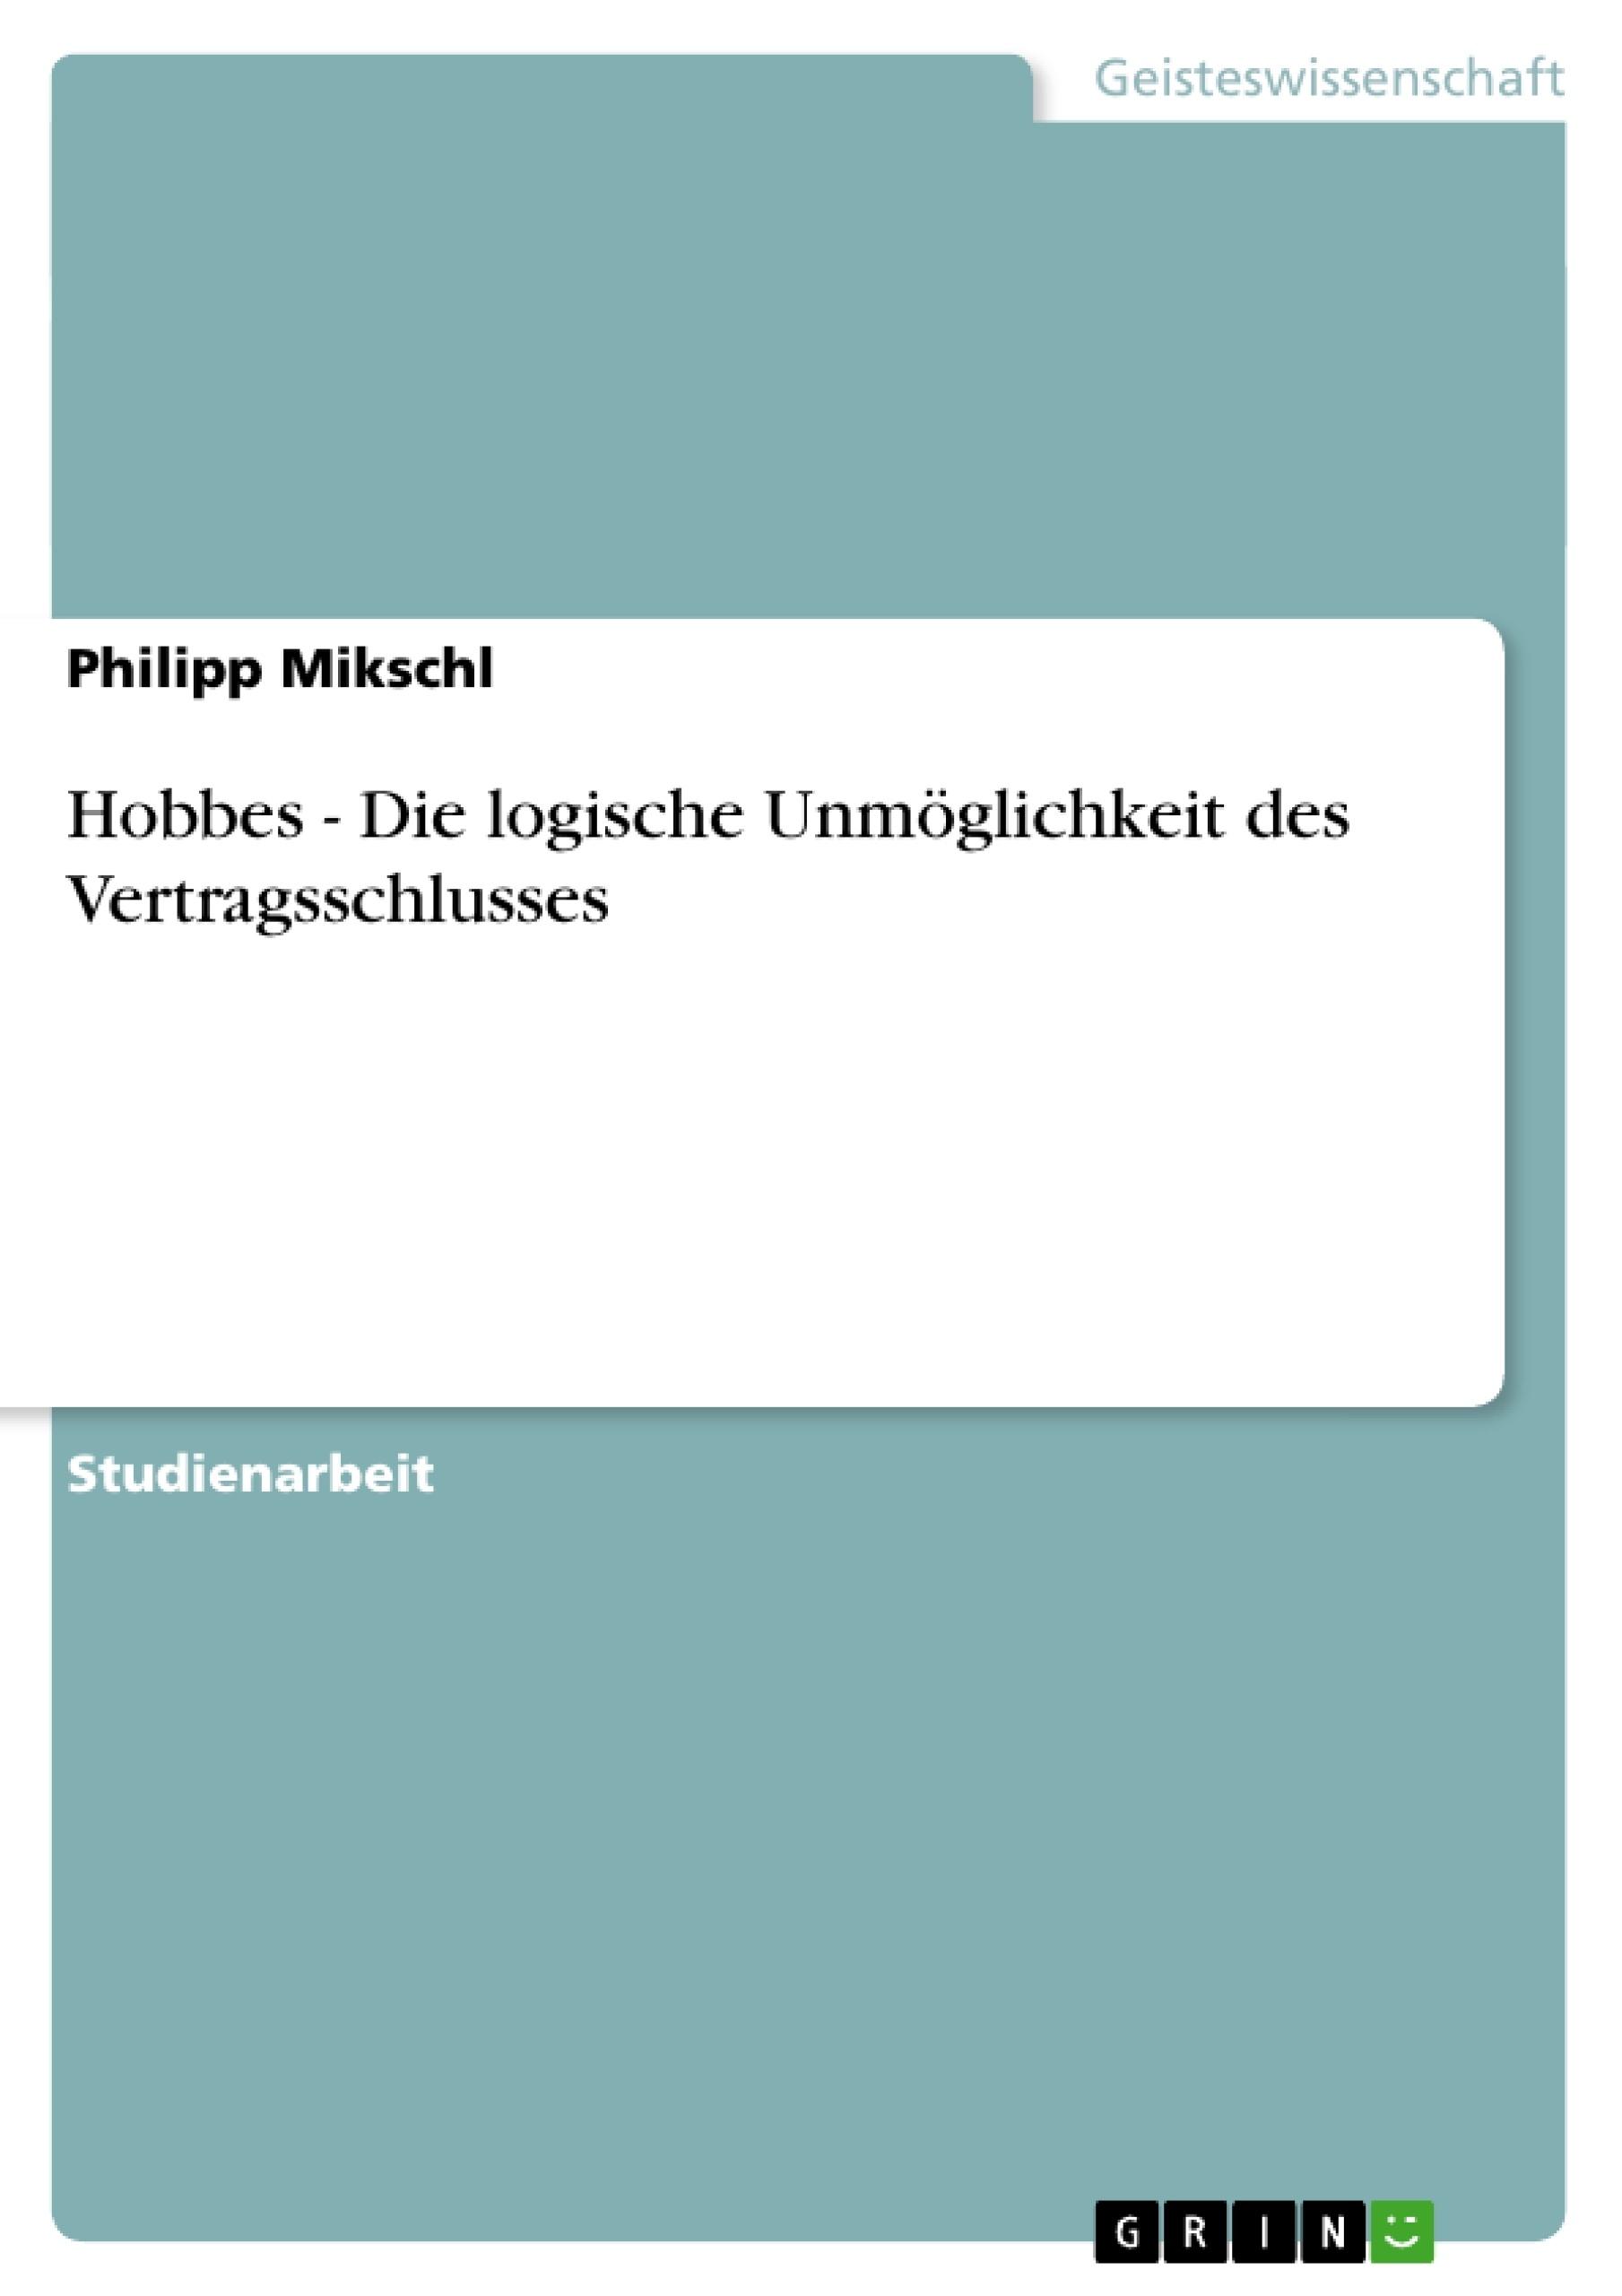 Titel: Hobbes - Die logische Unmöglichkeit des Vertragsschlusses